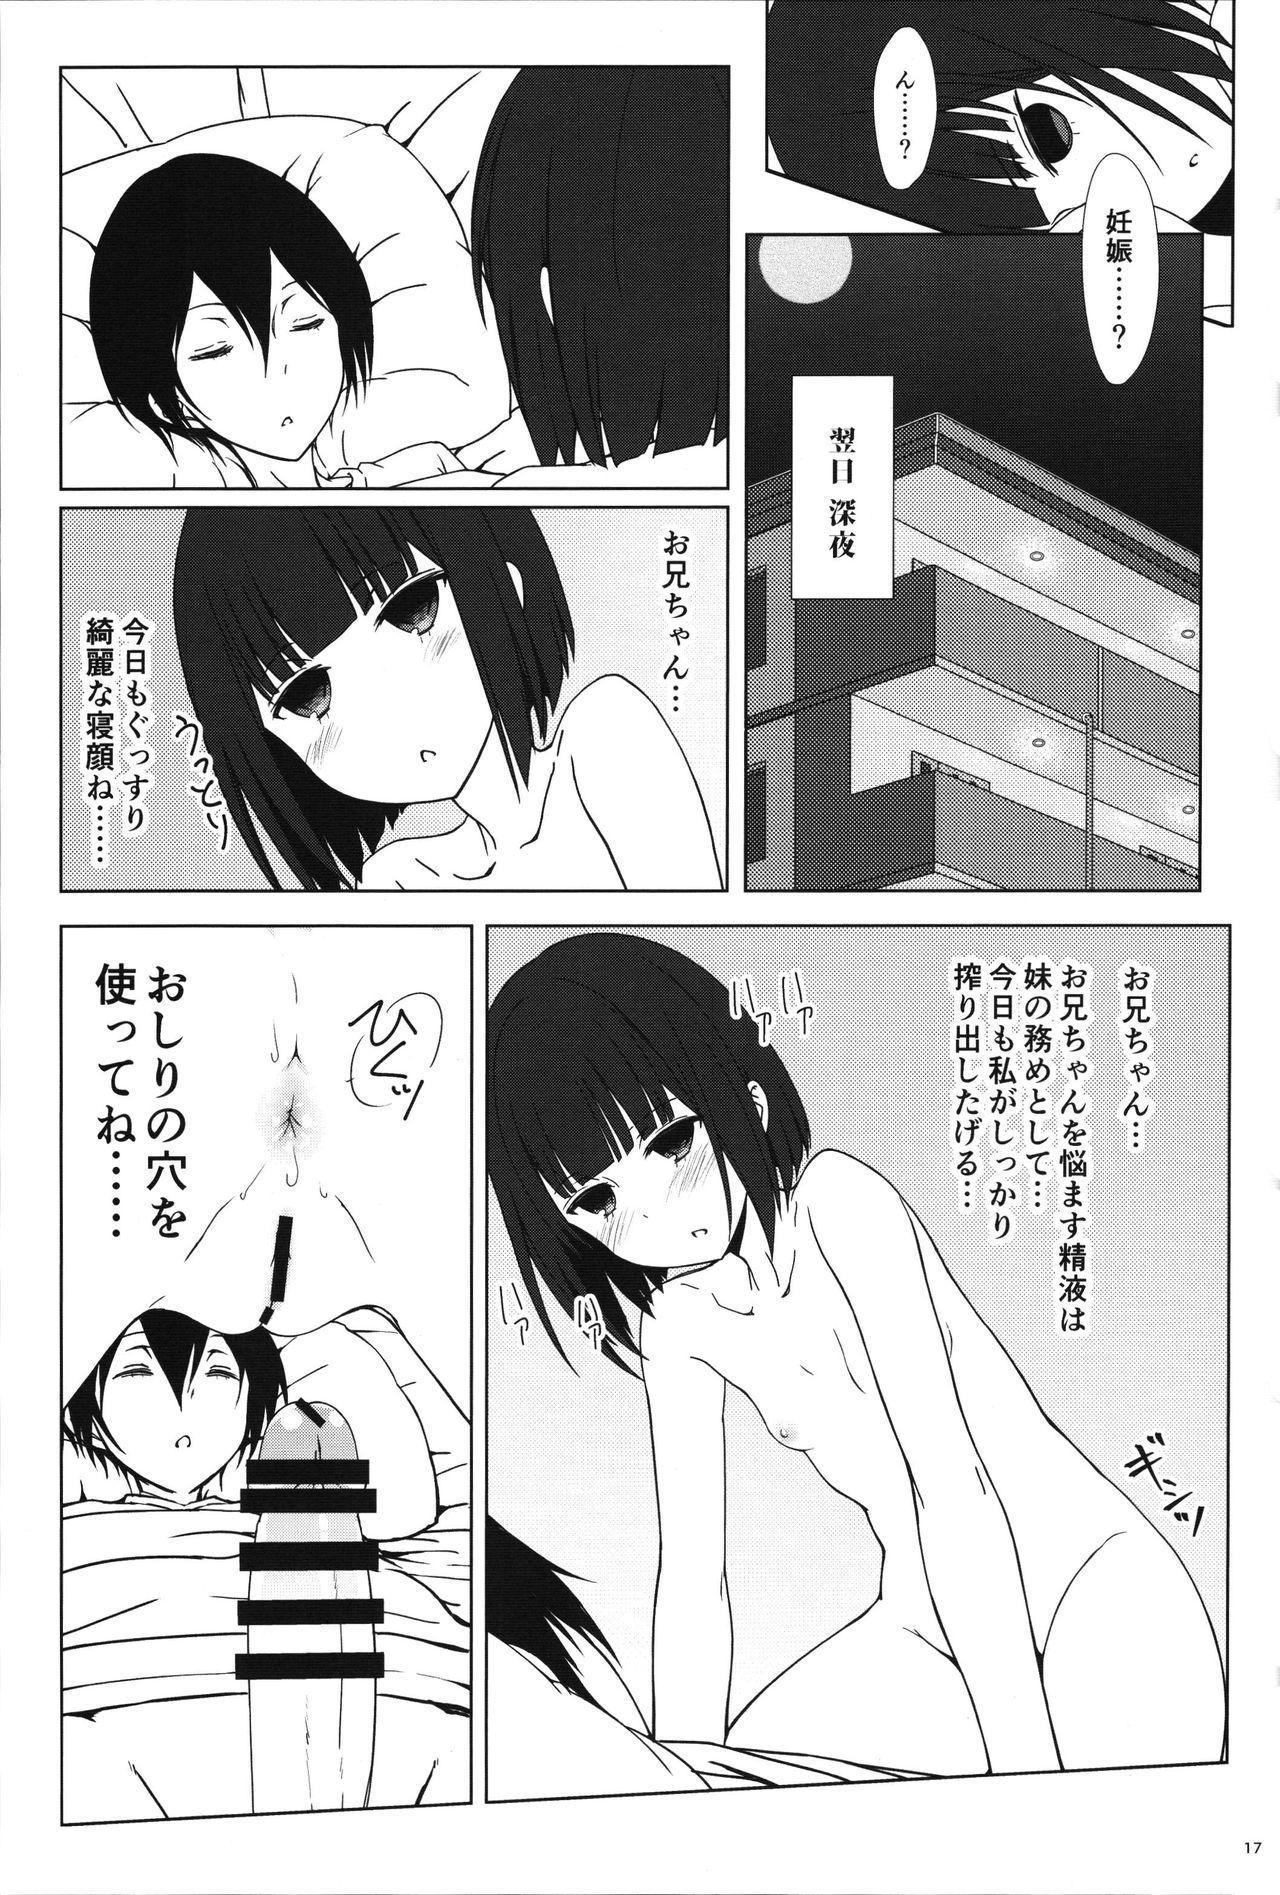 Tanaka Imouto ga Warito Sakarige 15